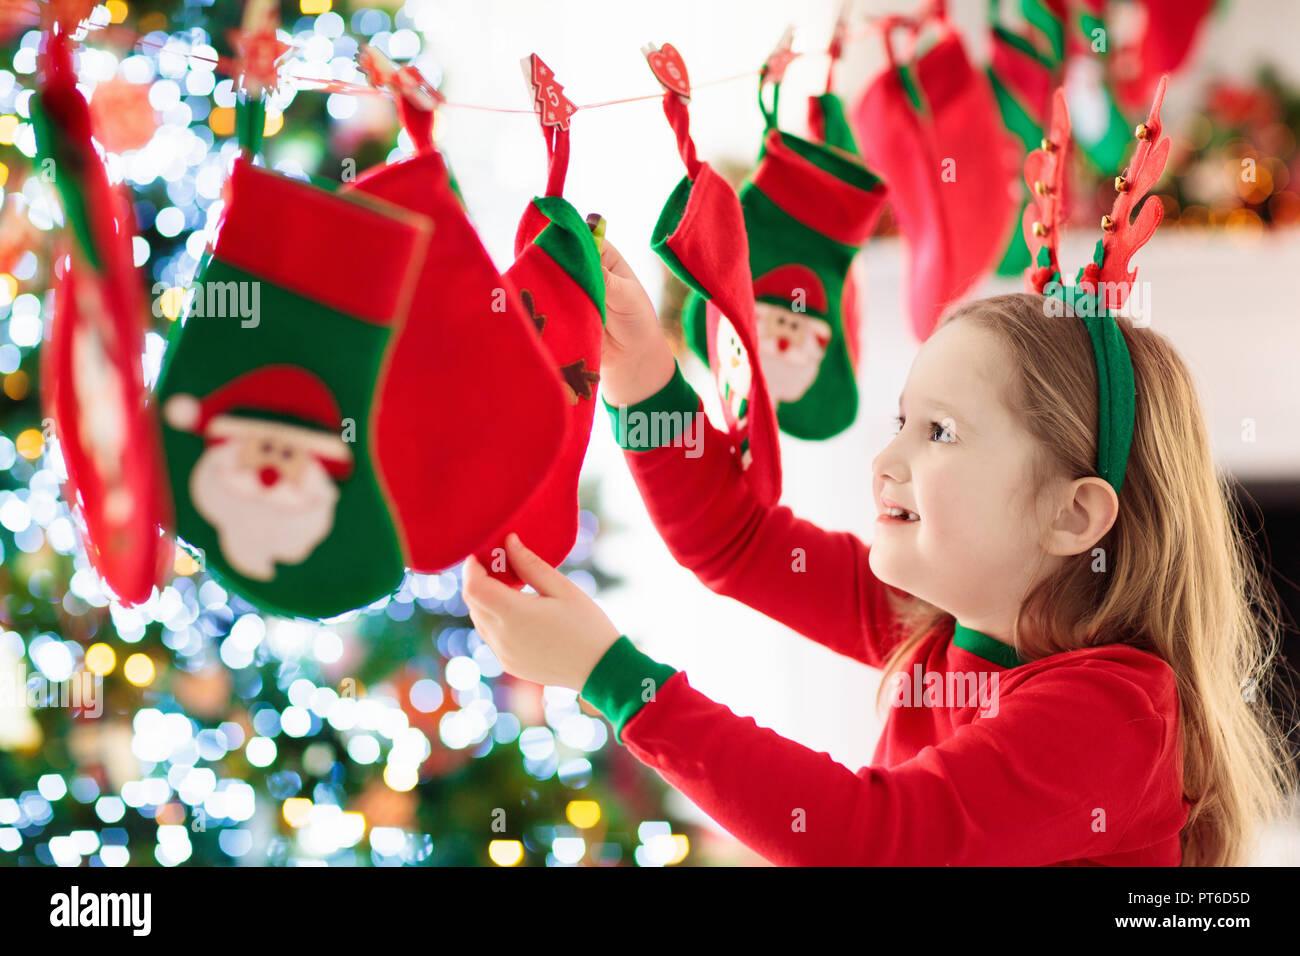 Weihnachtsgeschenke Für Familie.Kinder öffnung Weihnachtsgeschenke Kind Auf Der Suche Nach